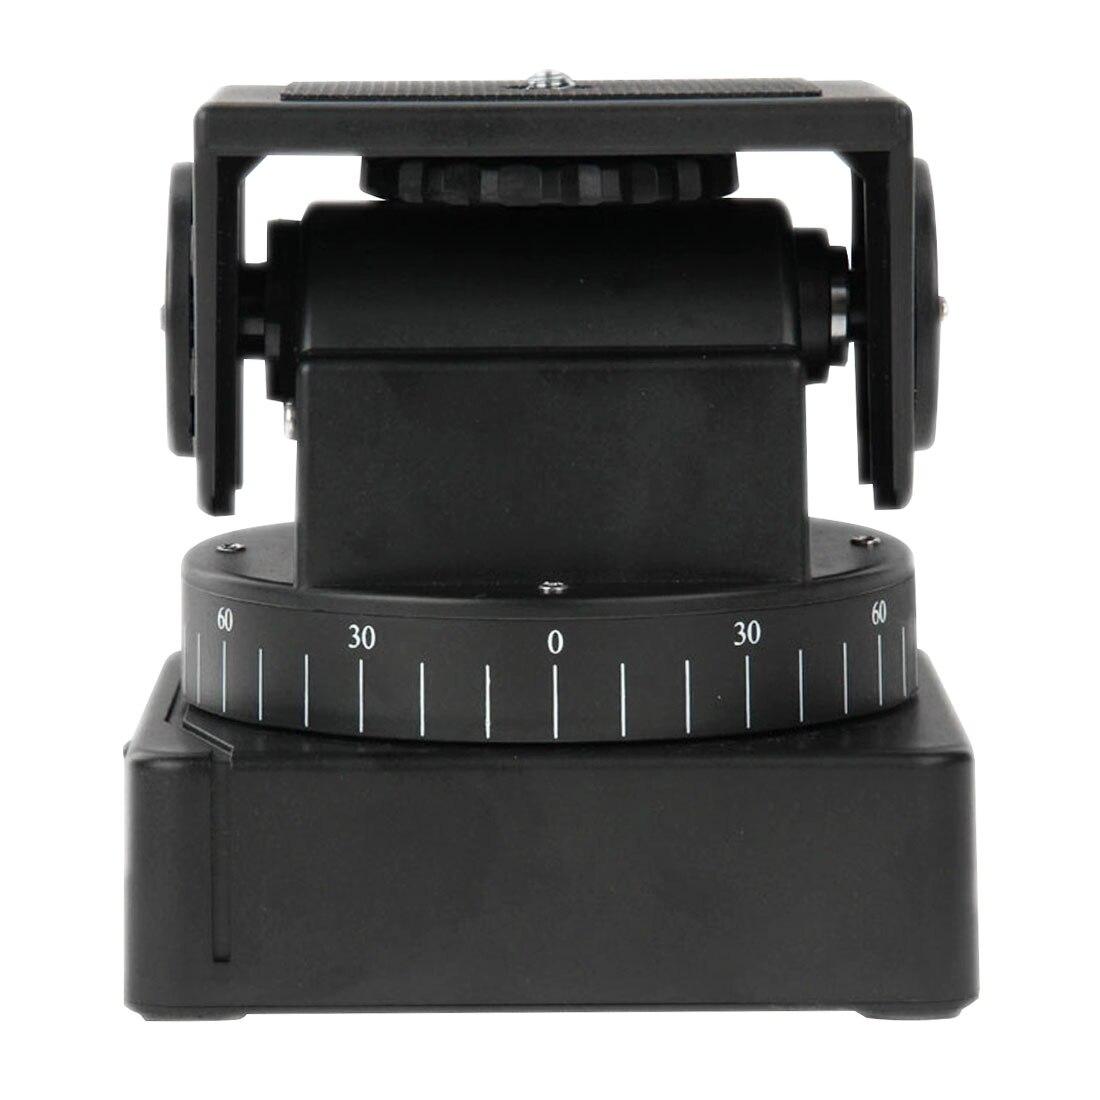 Control Remote Cameras YT-260 3